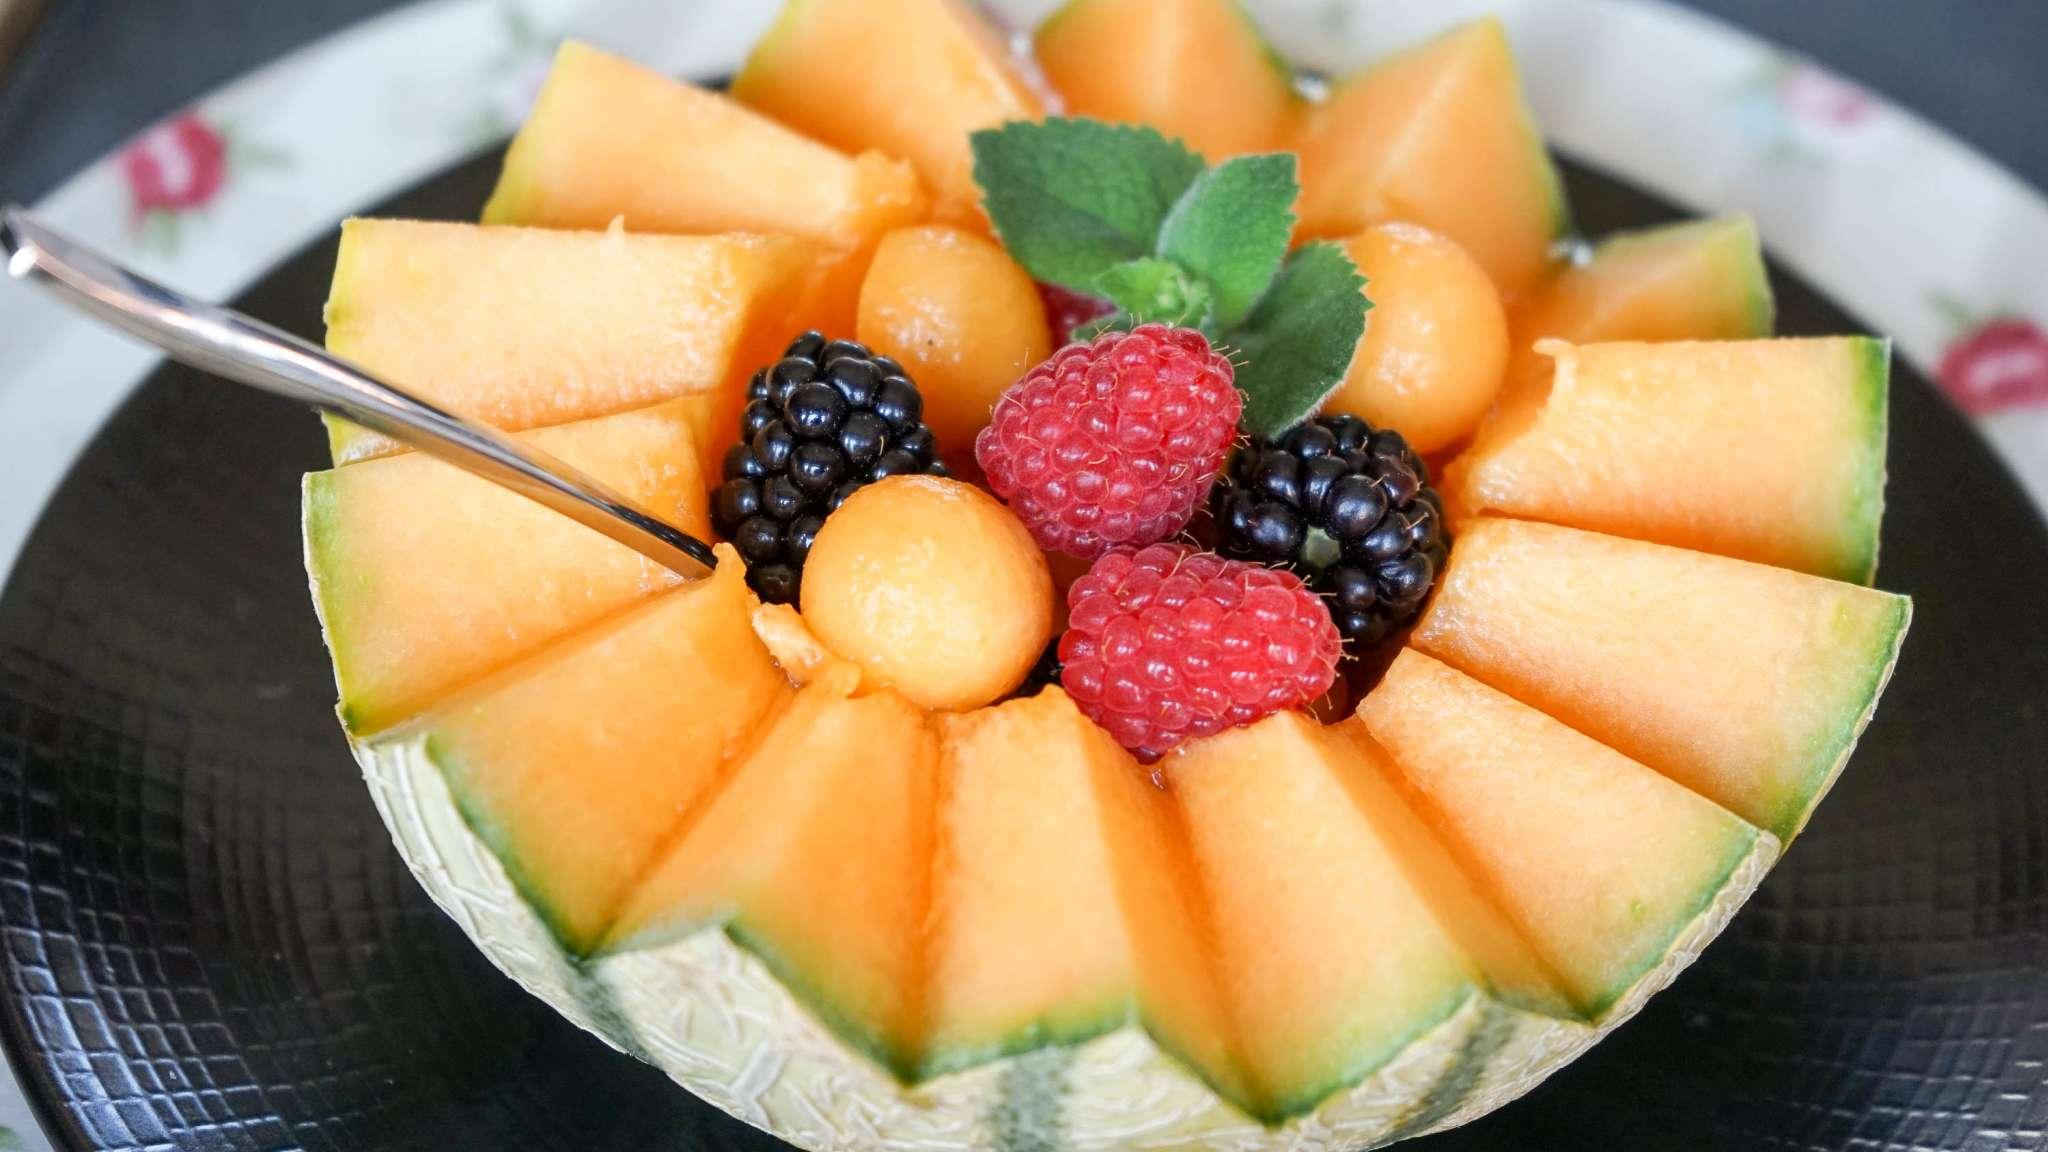 Découpe et présentation de la pastèque et du melon